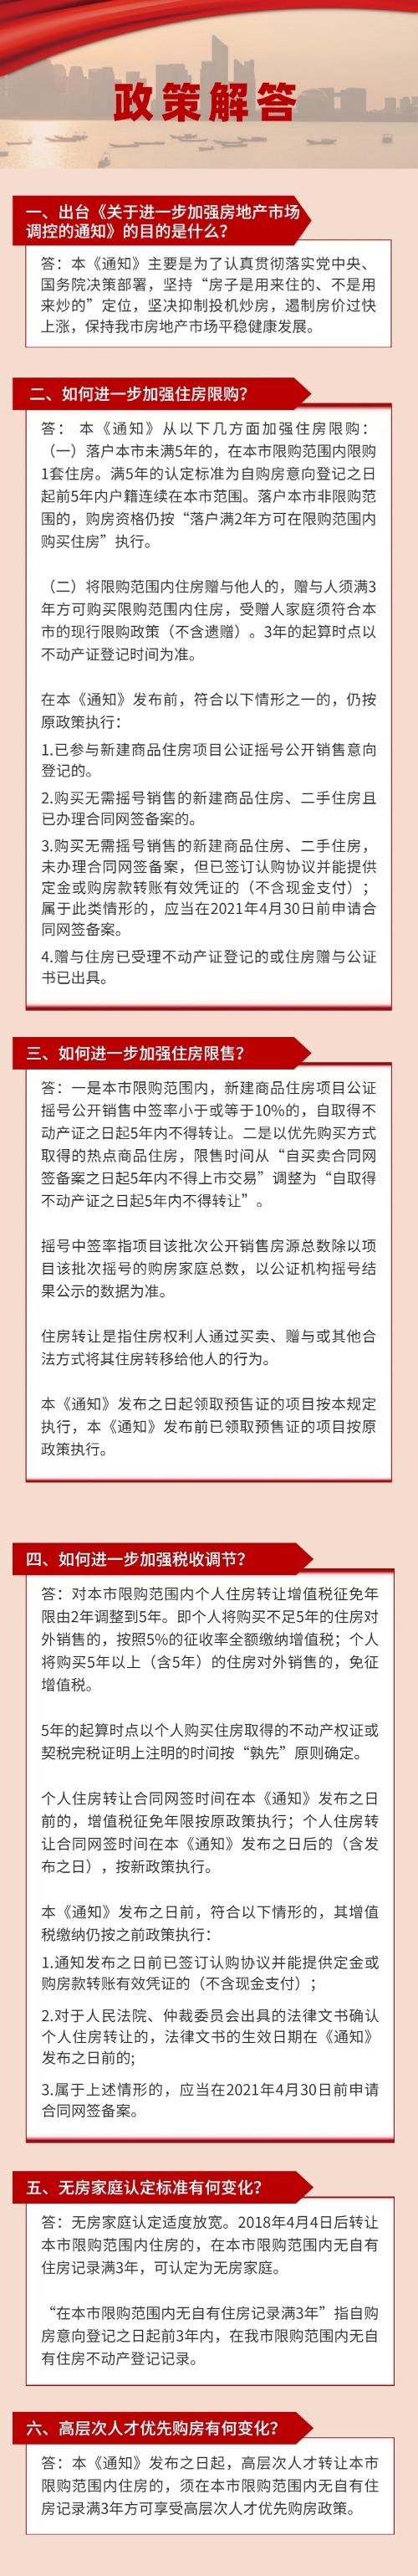 杭州  关于进一步加强房地产市场调控的通知